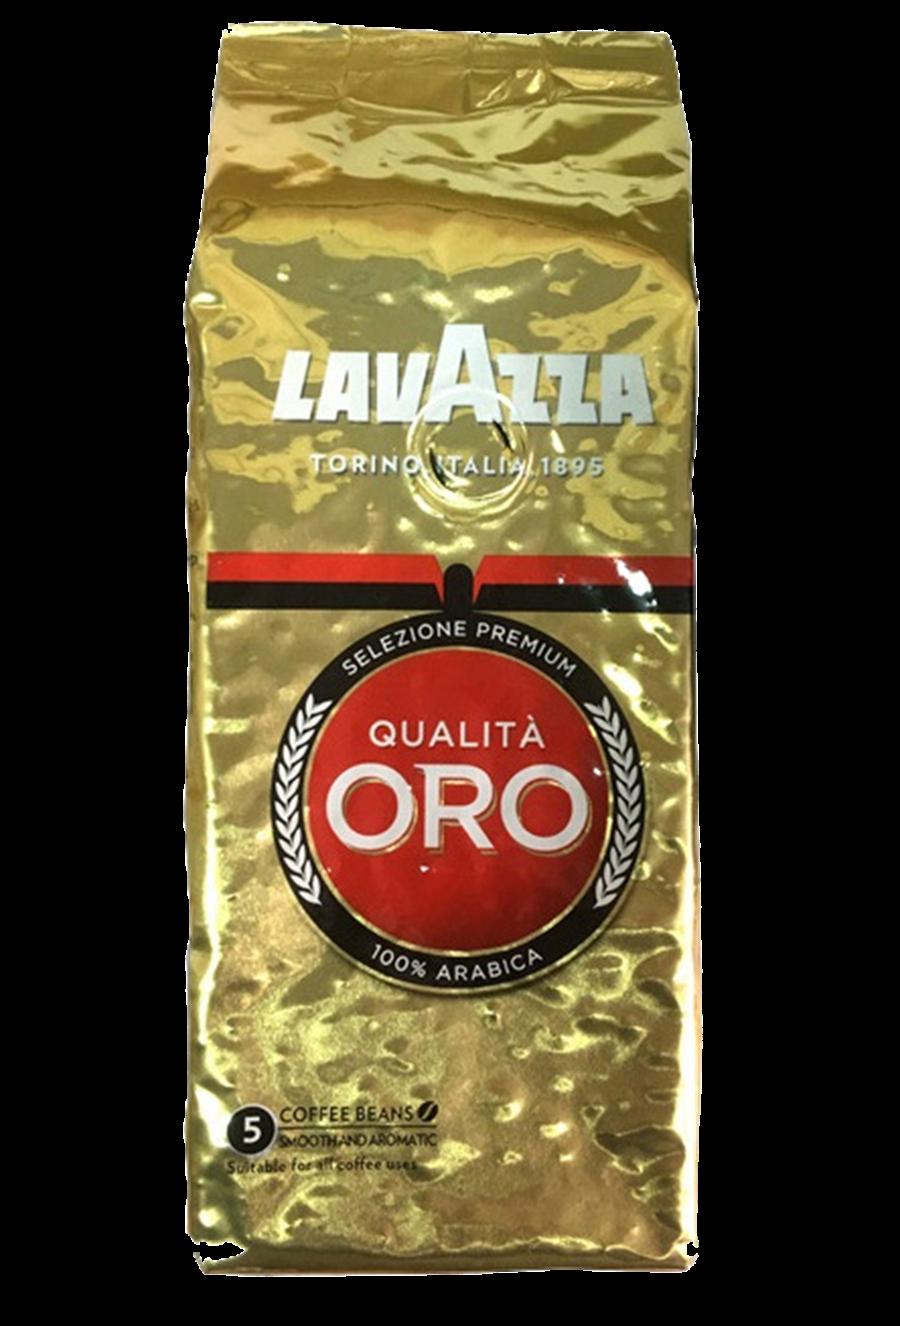 全聯LAVAZZA金袋QUALITA ORO咖啡豆250g,原價342元、明年1月10日前特價285元。(全聯提供)